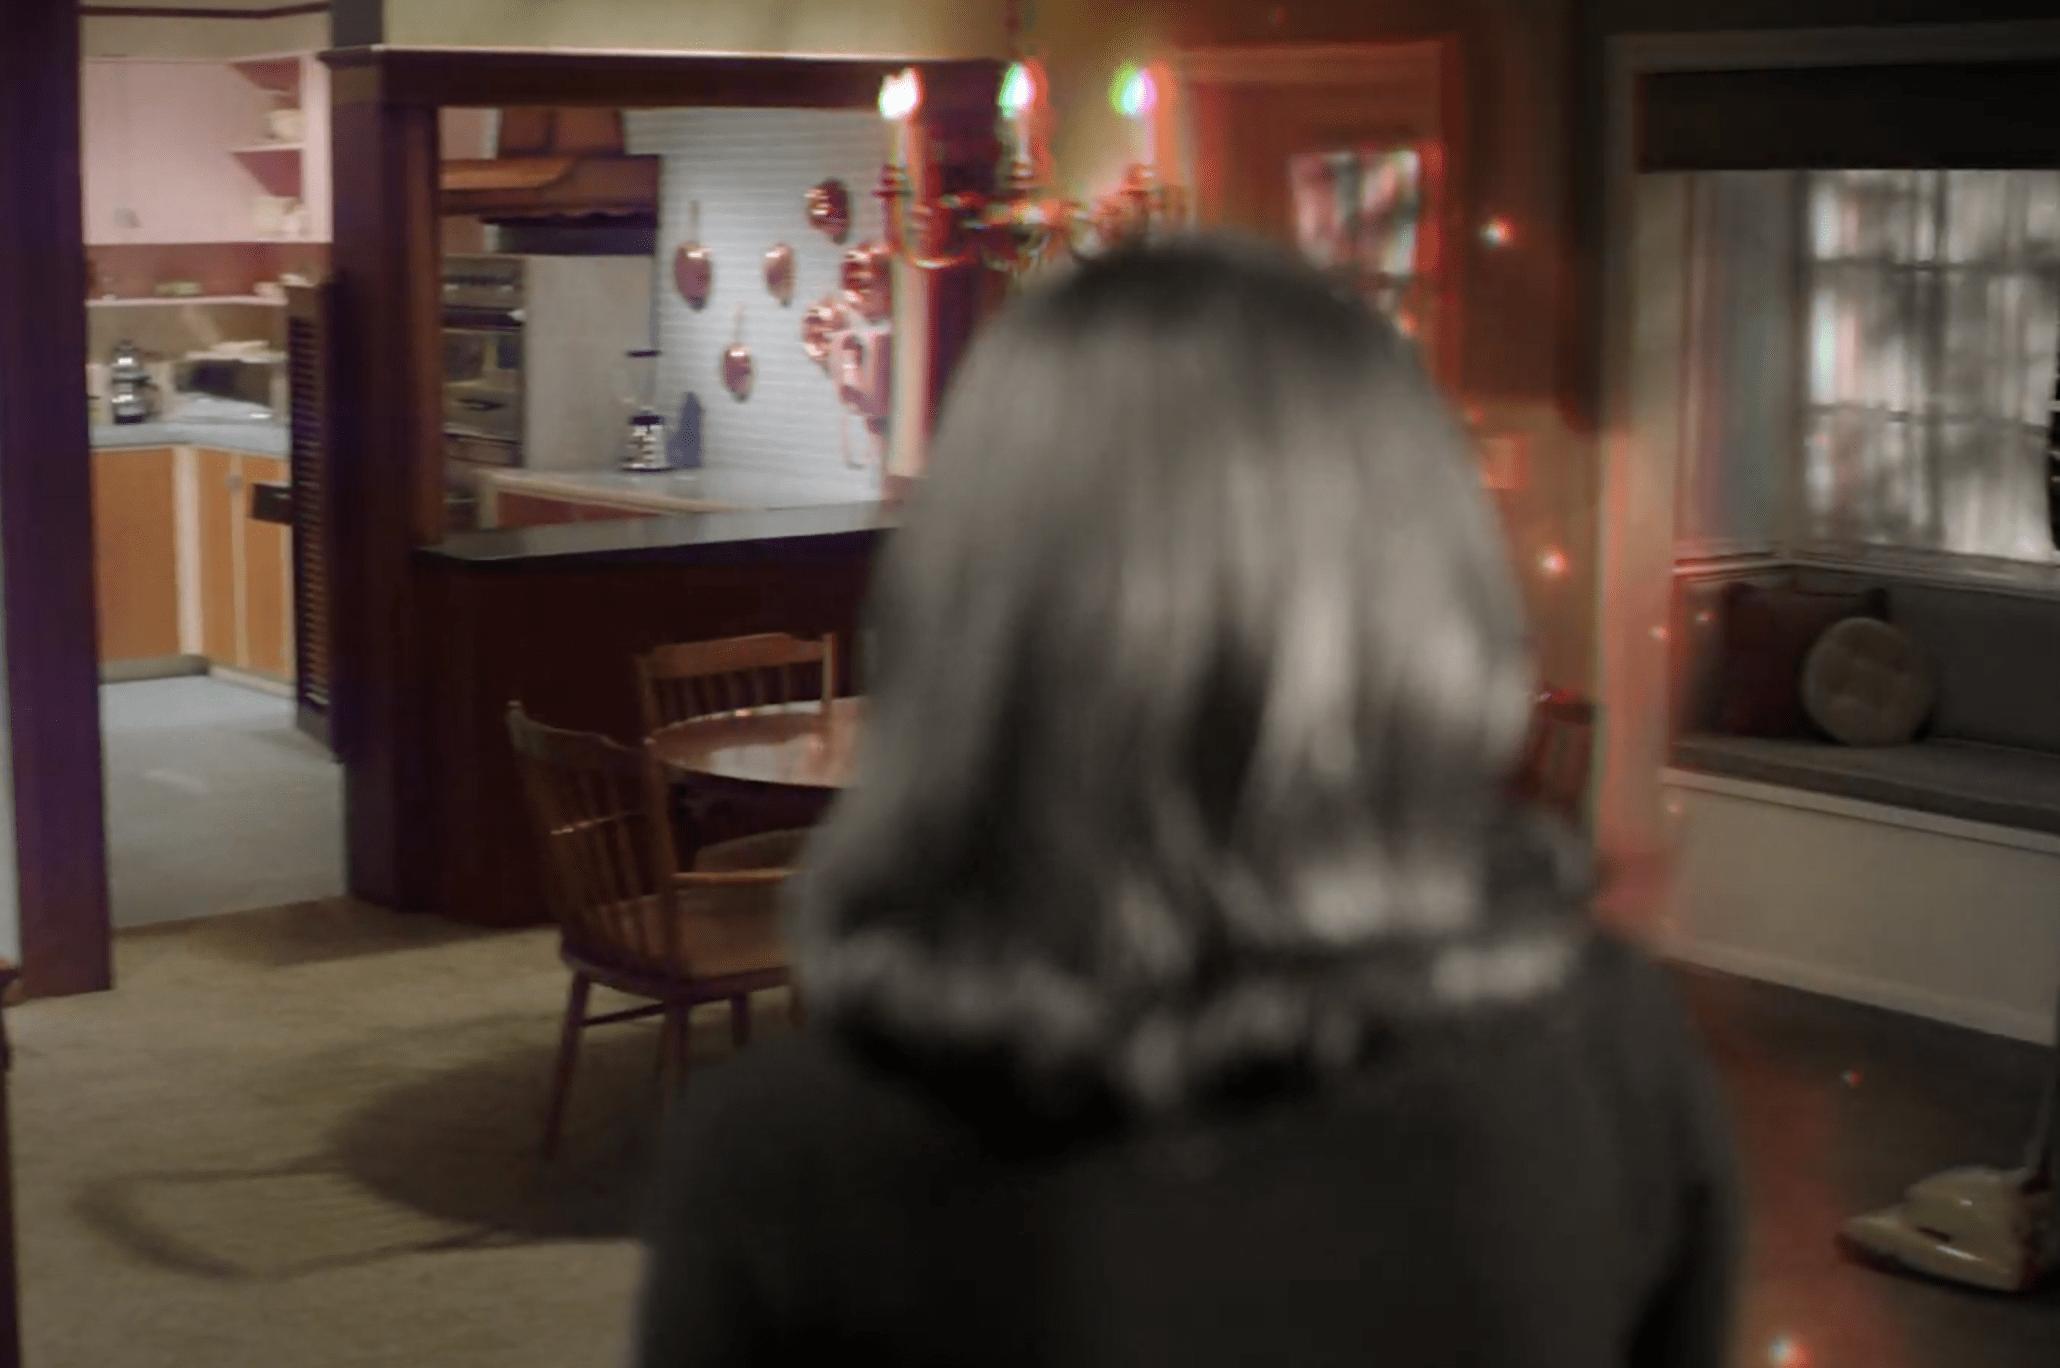 Scene Shifts WandaVision